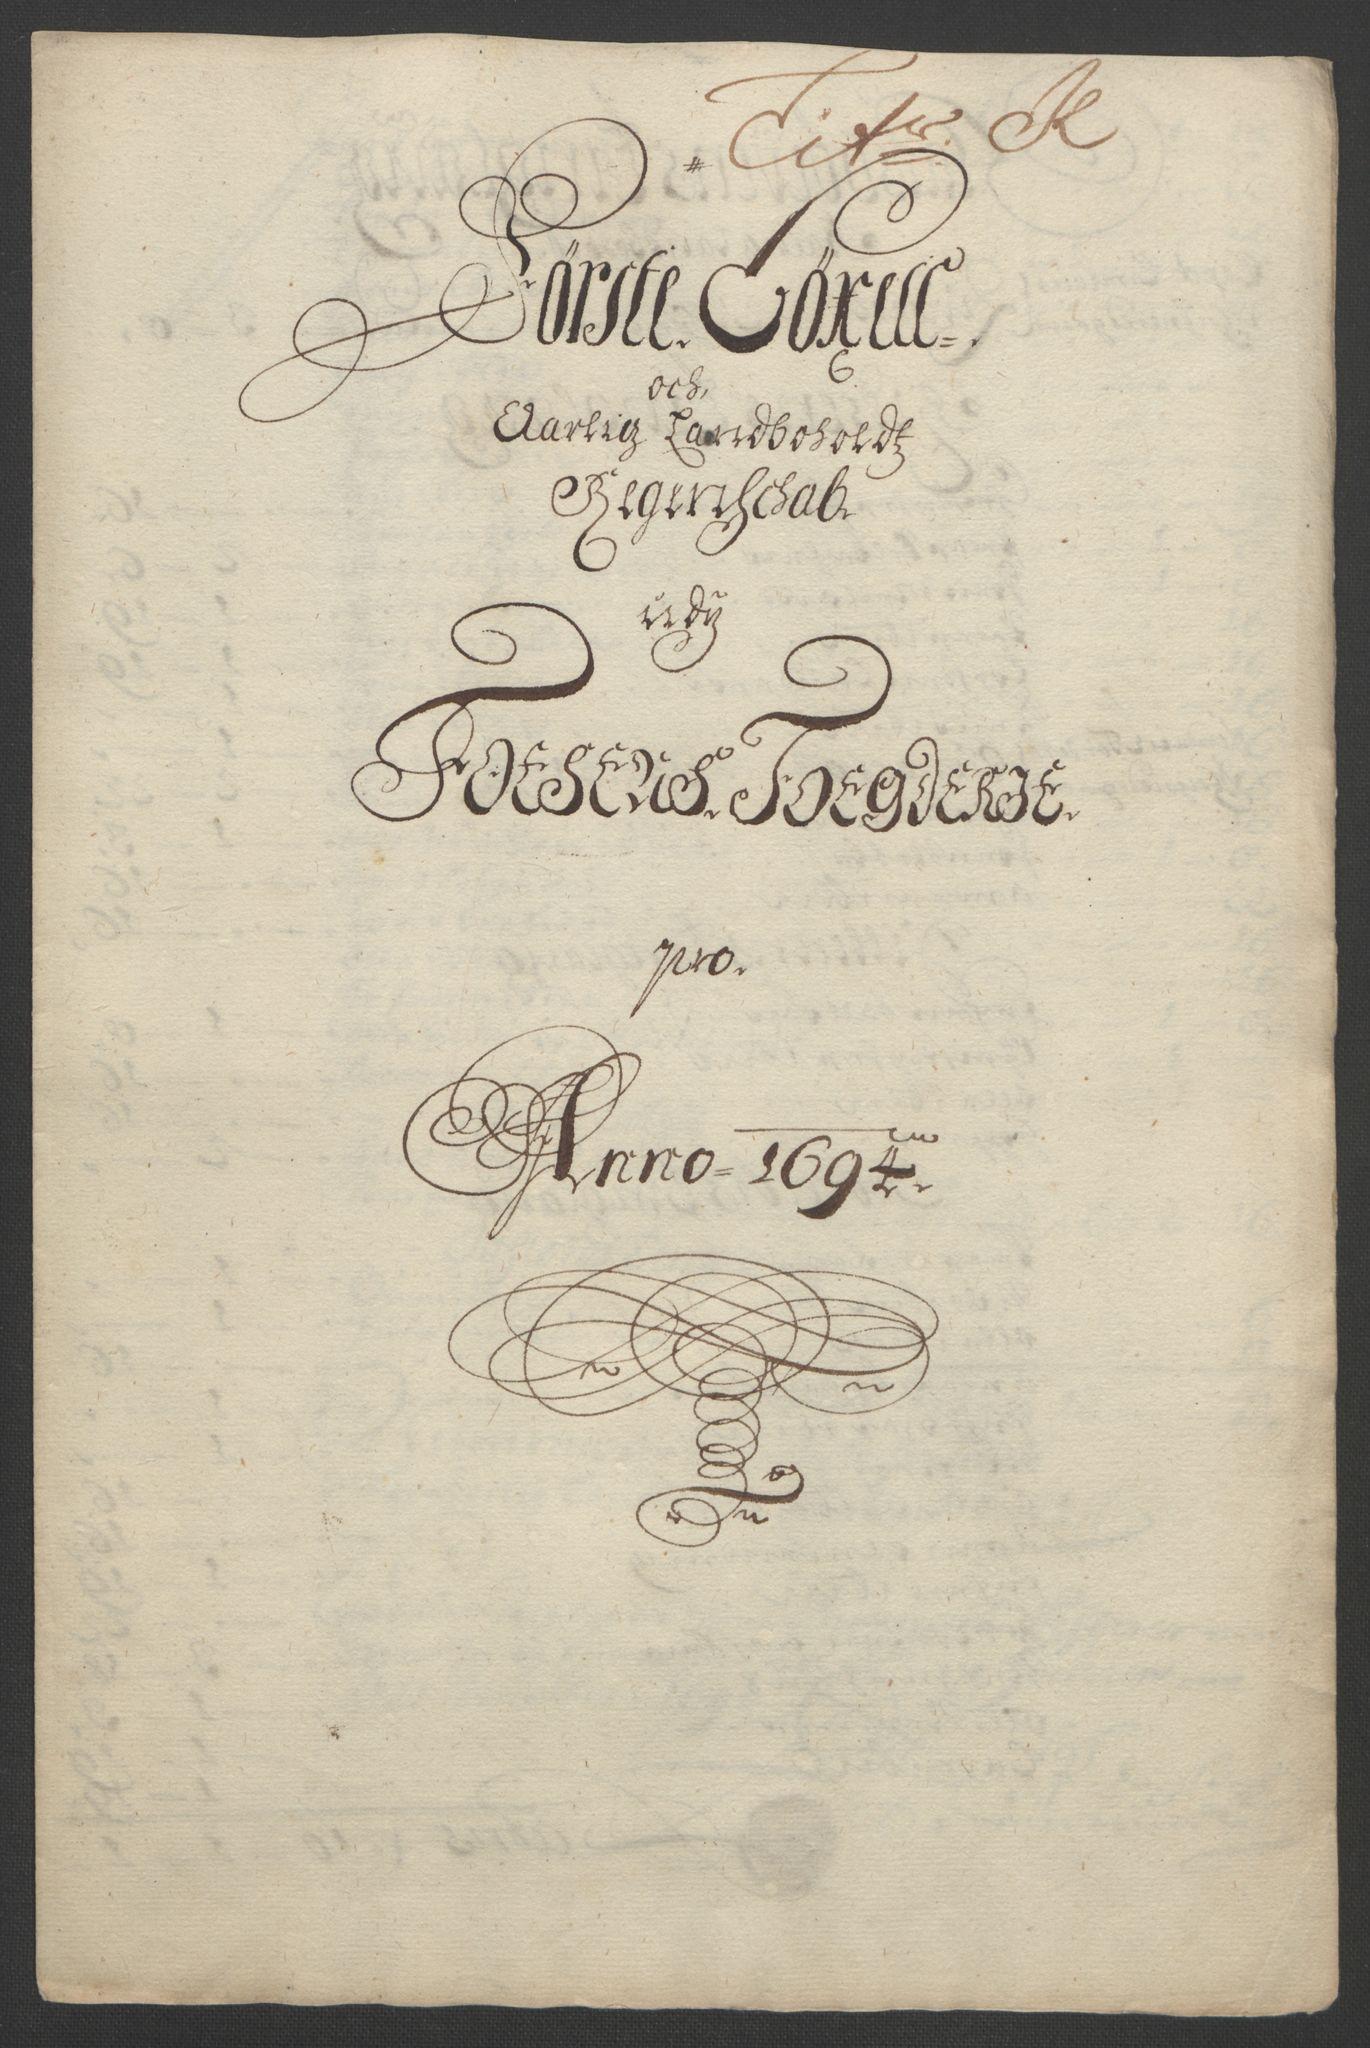 RA, Rentekammeret inntil 1814, Reviderte regnskaper, Fogderegnskap, R57/L3850: Fogderegnskap Fosen, 1694, s. 146